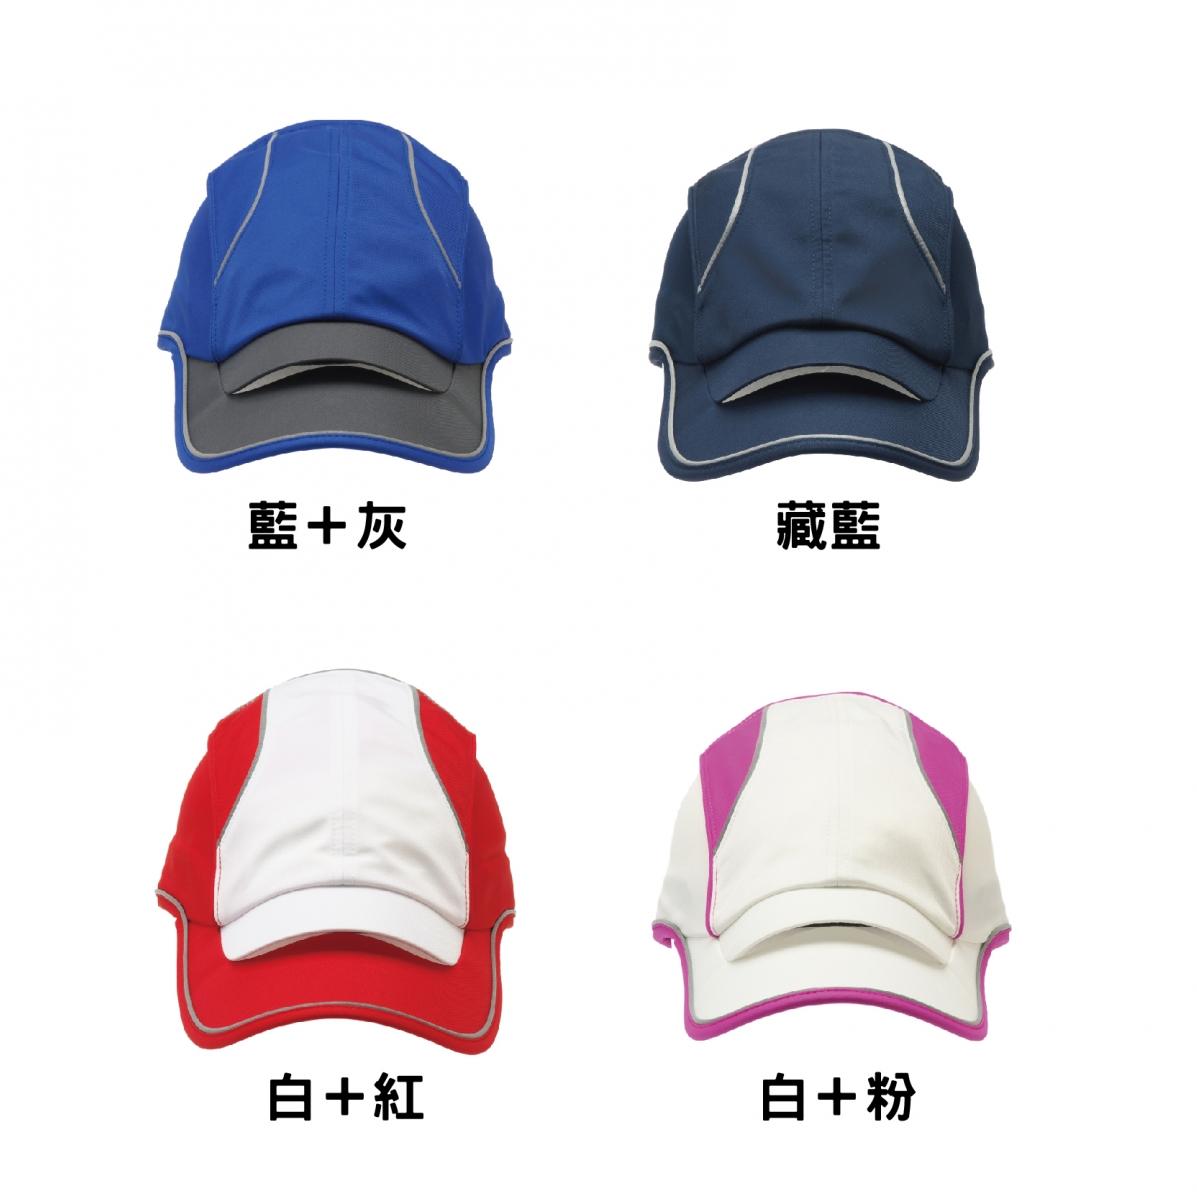 日本【Airpeak】熱銷破萬 降溫運動帽 (日職棒球隊指名使用、共8色)3